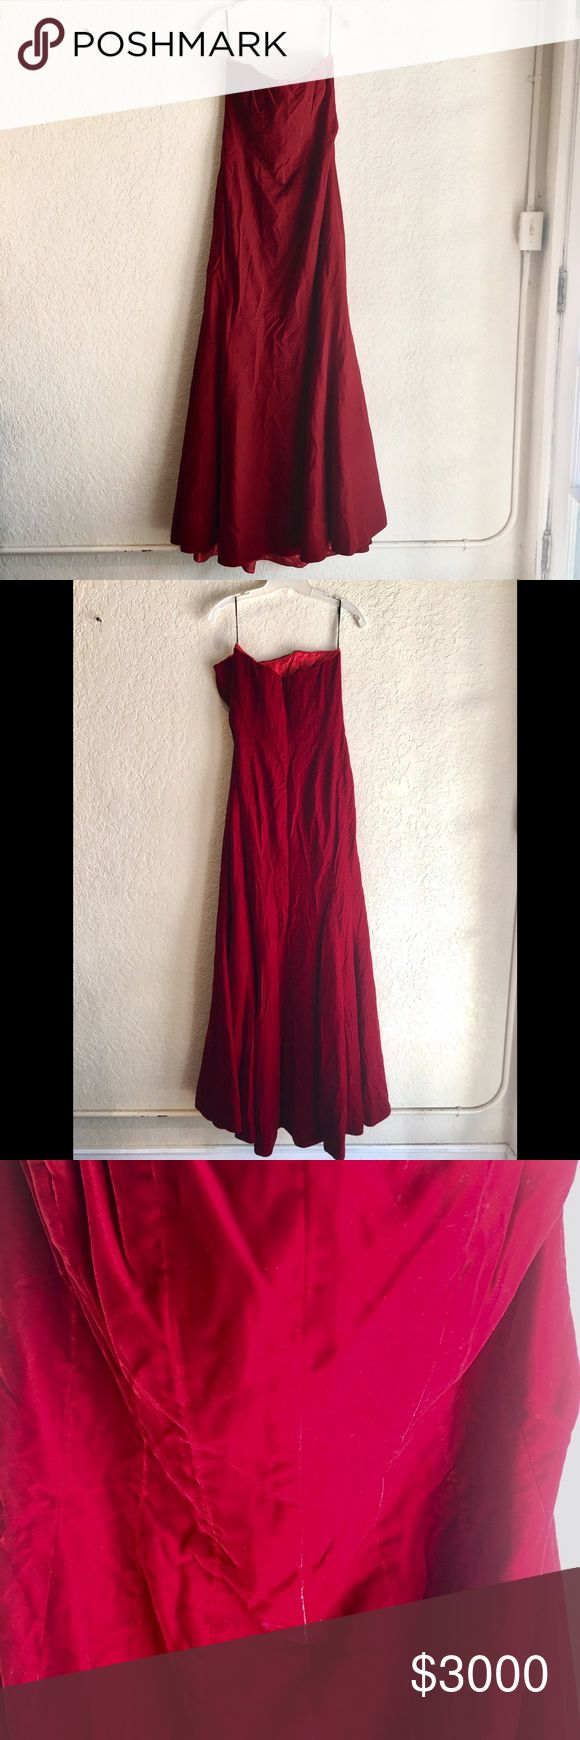 Reva Mivasagar Red Velvet Strapless Gown Dress M Reva Mivasagar Red Velvet Strapless Gown Dress M reva mivasagar Dresses Wedding